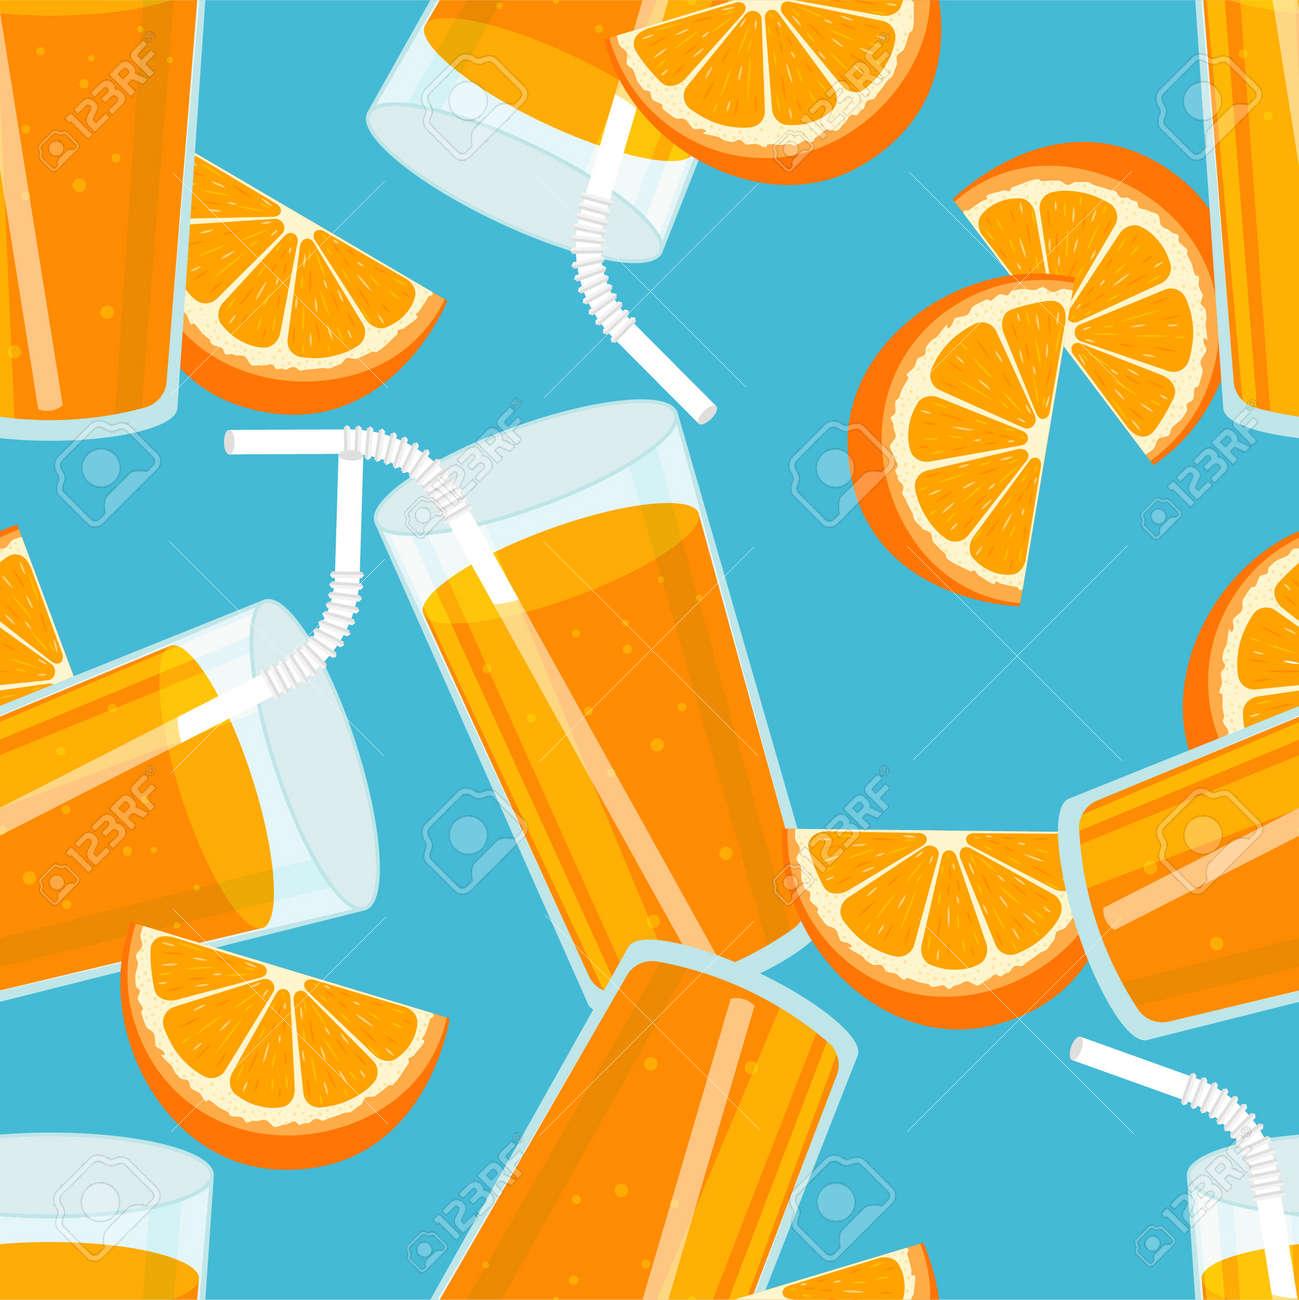 Orange juice seamless pattern. Summer banner concept. Blue background. Vector illustration. - 170672897